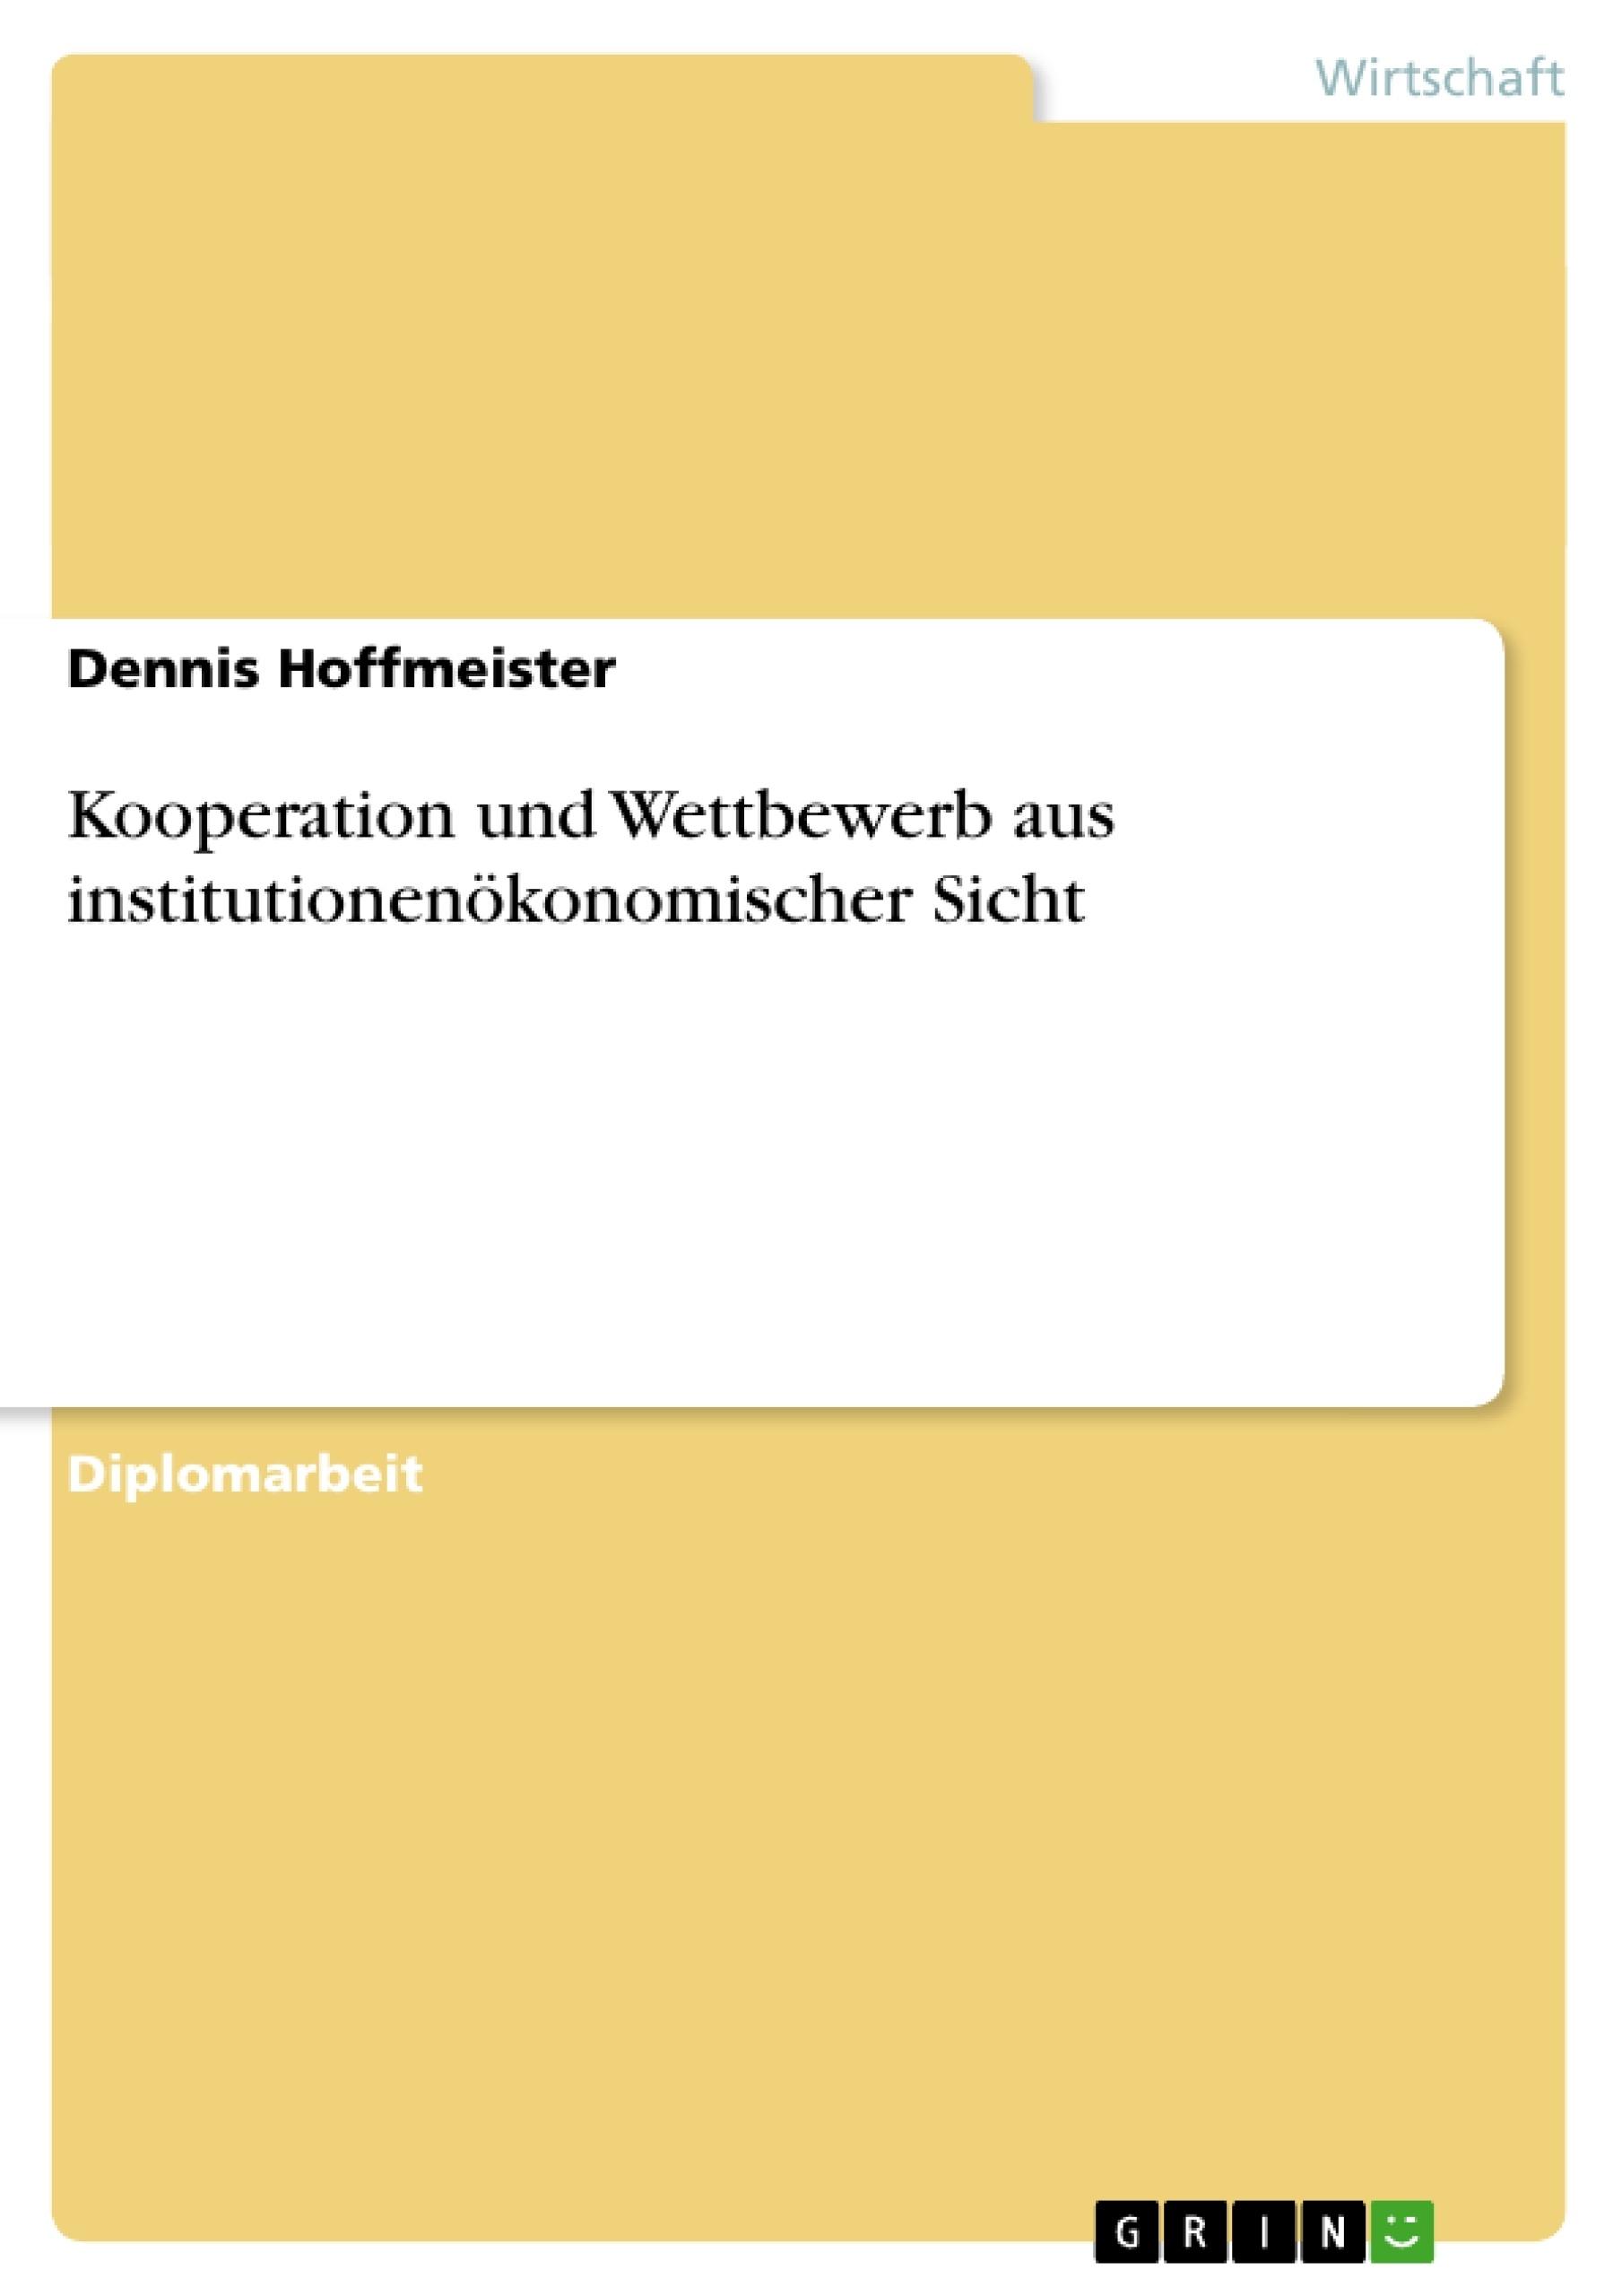 Titel: Kooperation und Wettbewerb aus institutionenökonomischer Sicht